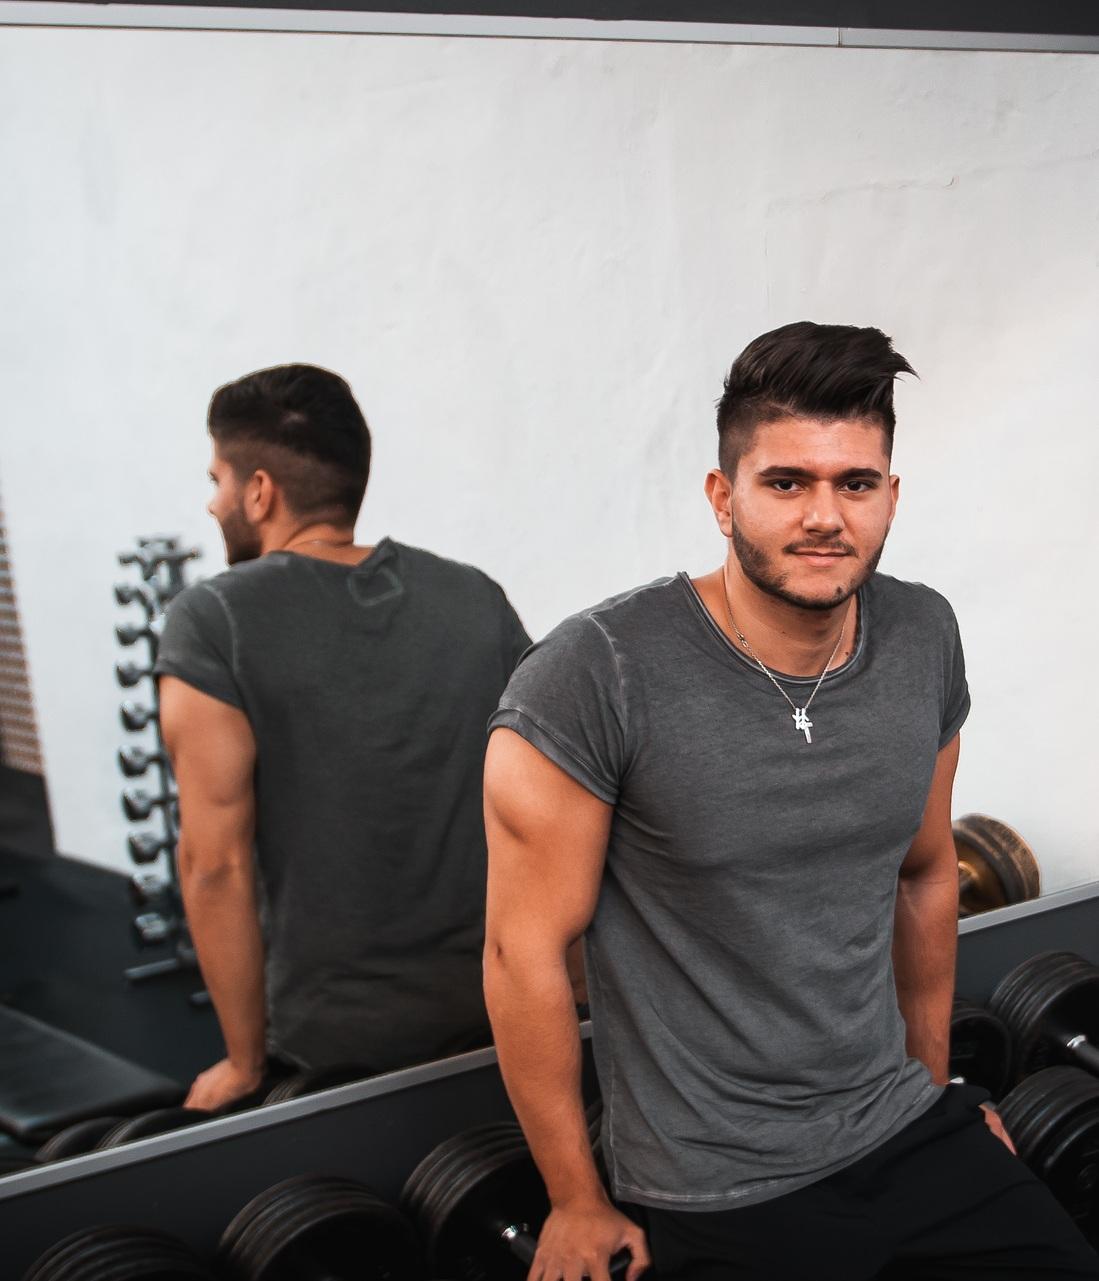 Panagiotis - Hey Ich bin Pano und schon seit knapp 3 Jahren im Sports In Team. Fitness betreibe ich schon seit meinem 16 Lebensjahr und ist somit meine volle Leidenschaft.